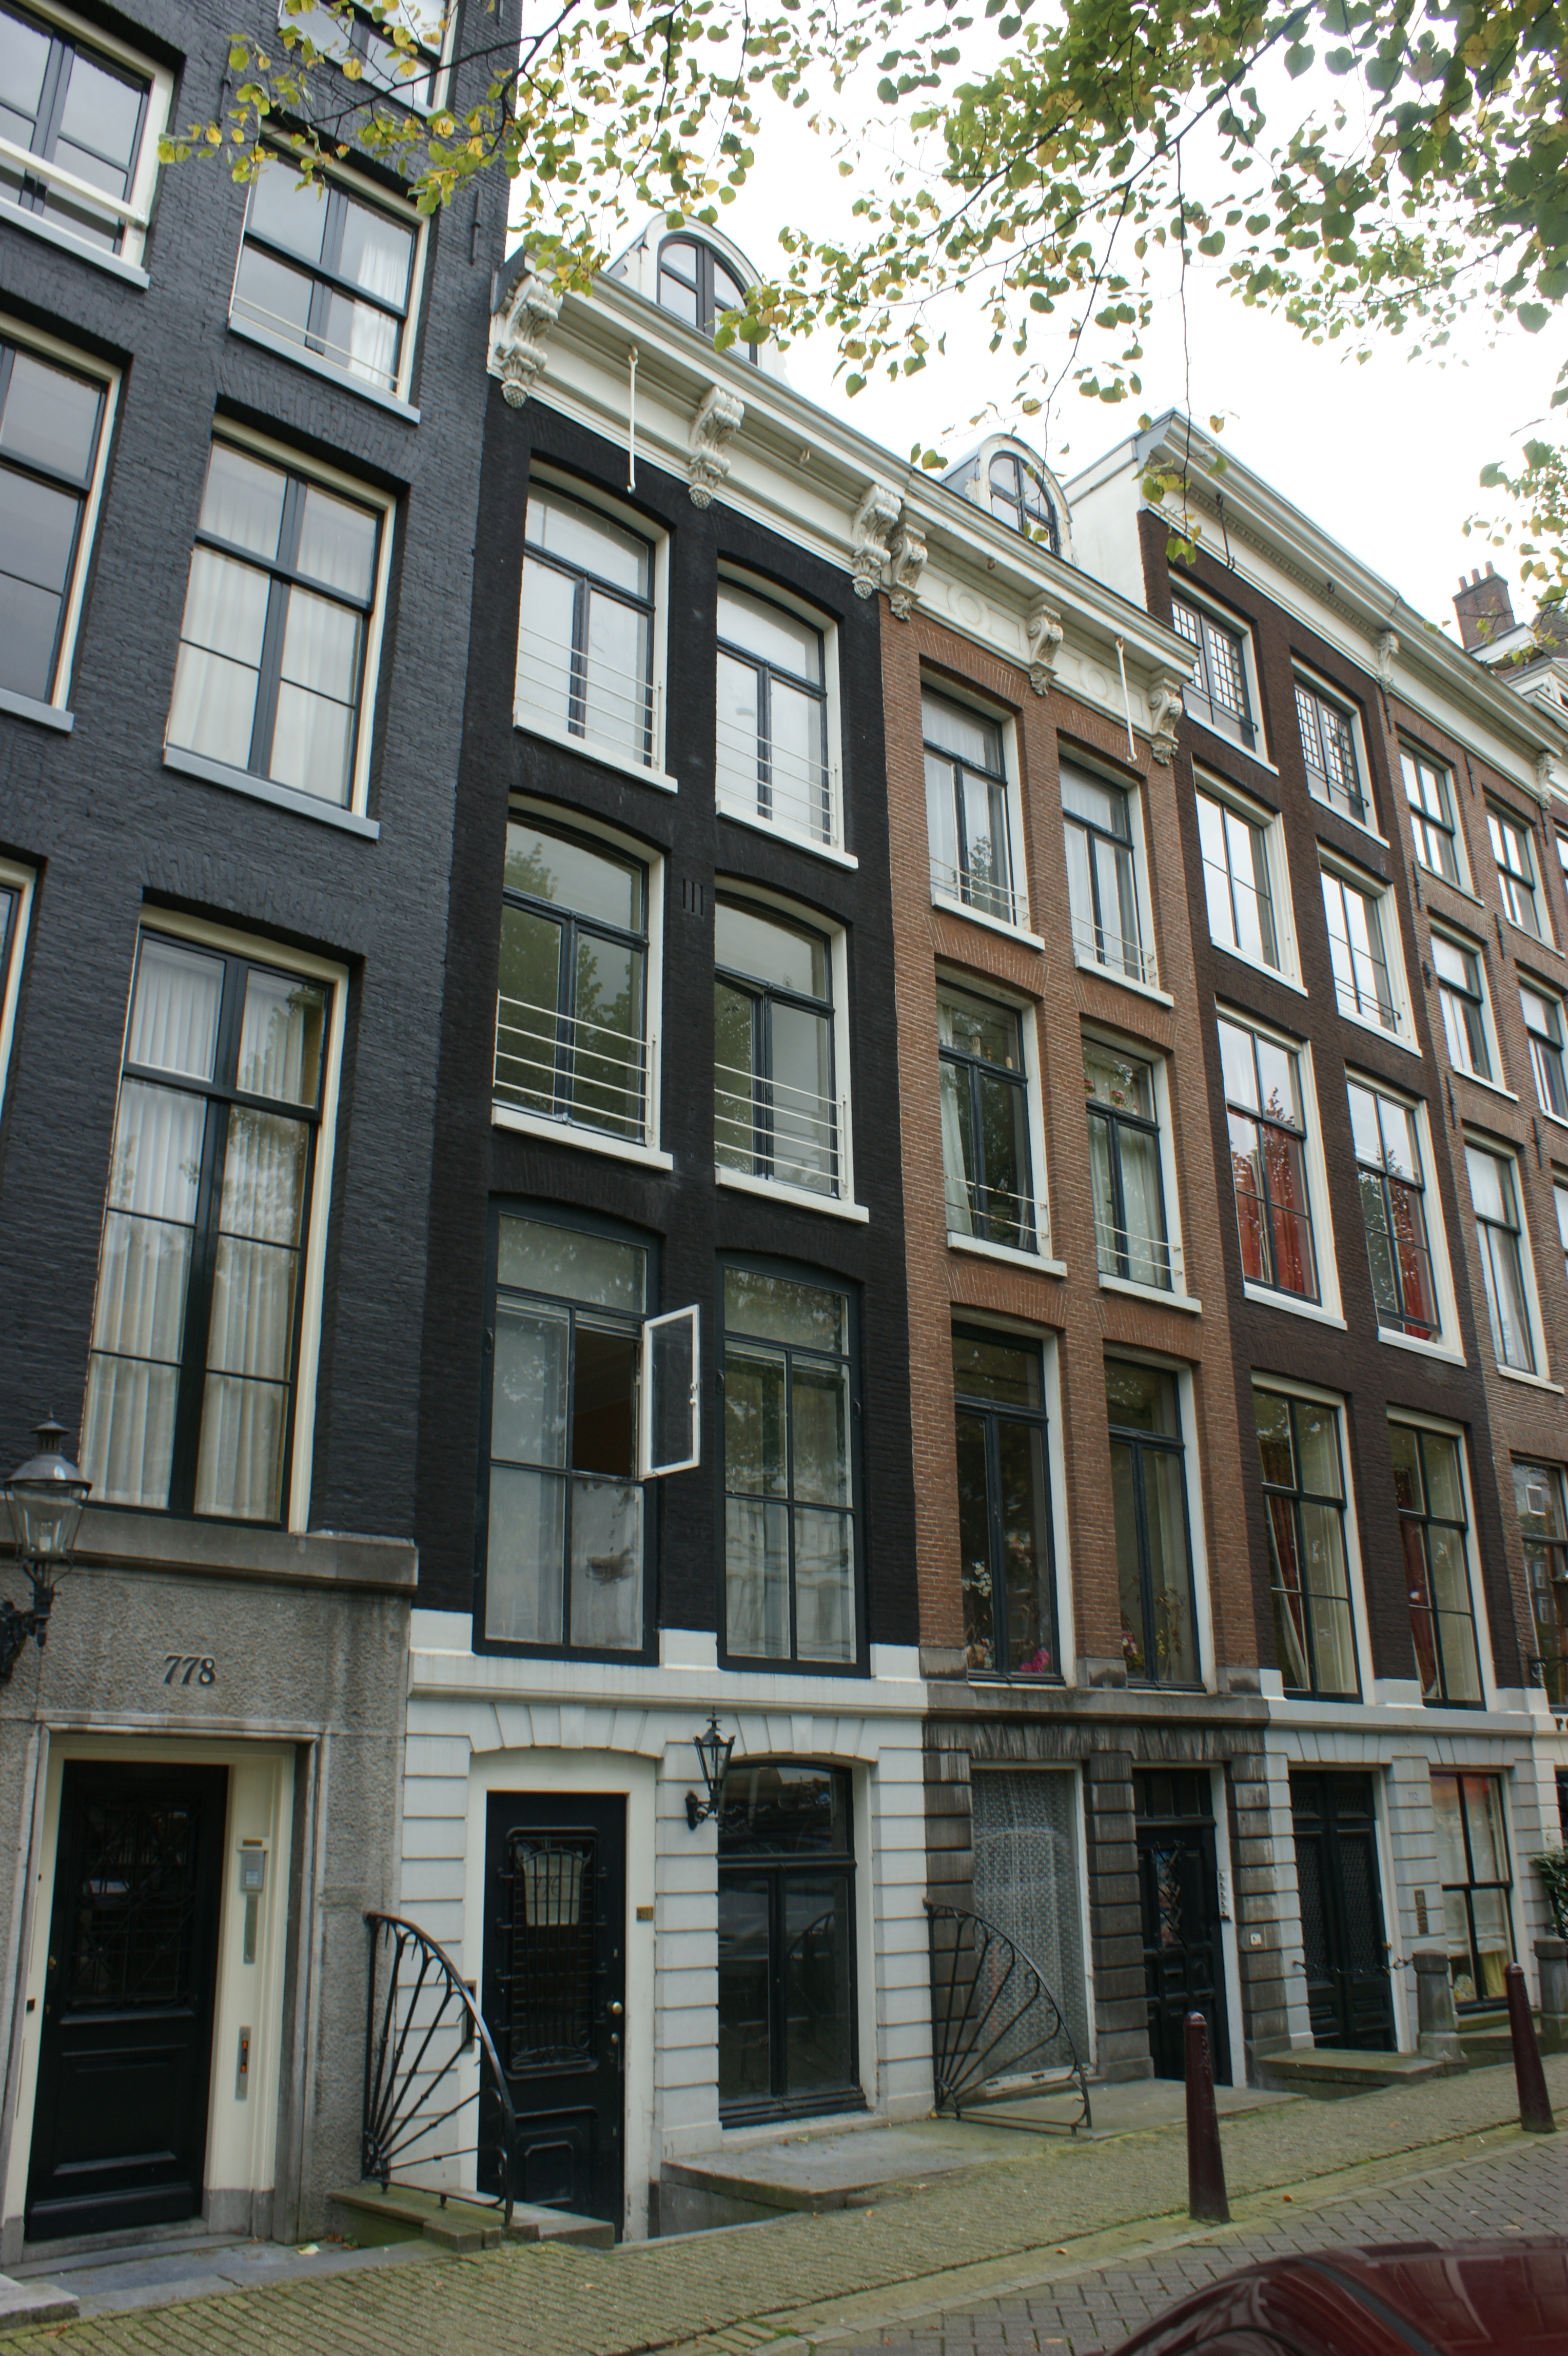 Huis met gevel waarvan de hals in amsterdam monument - Huis gevel ...